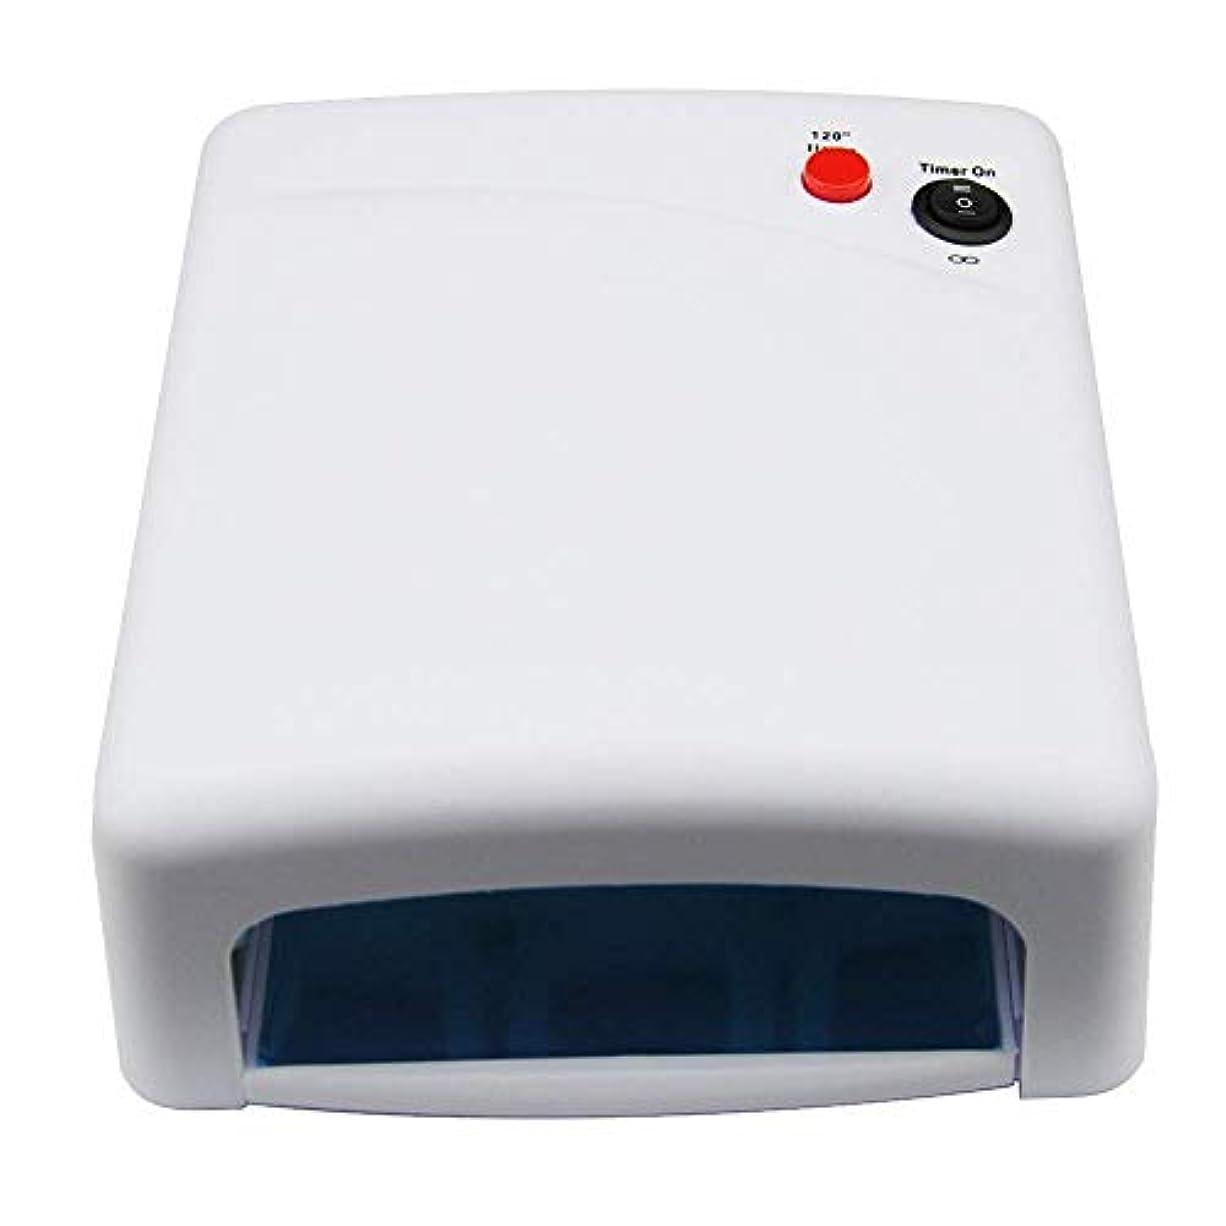 酸化物倒産置くためにパックネイルドライヤーランプネイルプロフェッショナルジェルネイルドライヤー36ワットuvランプ110ボルト-220ボルトeuプラグネイルランプ硬化ライトネイルアートドライヤーツール